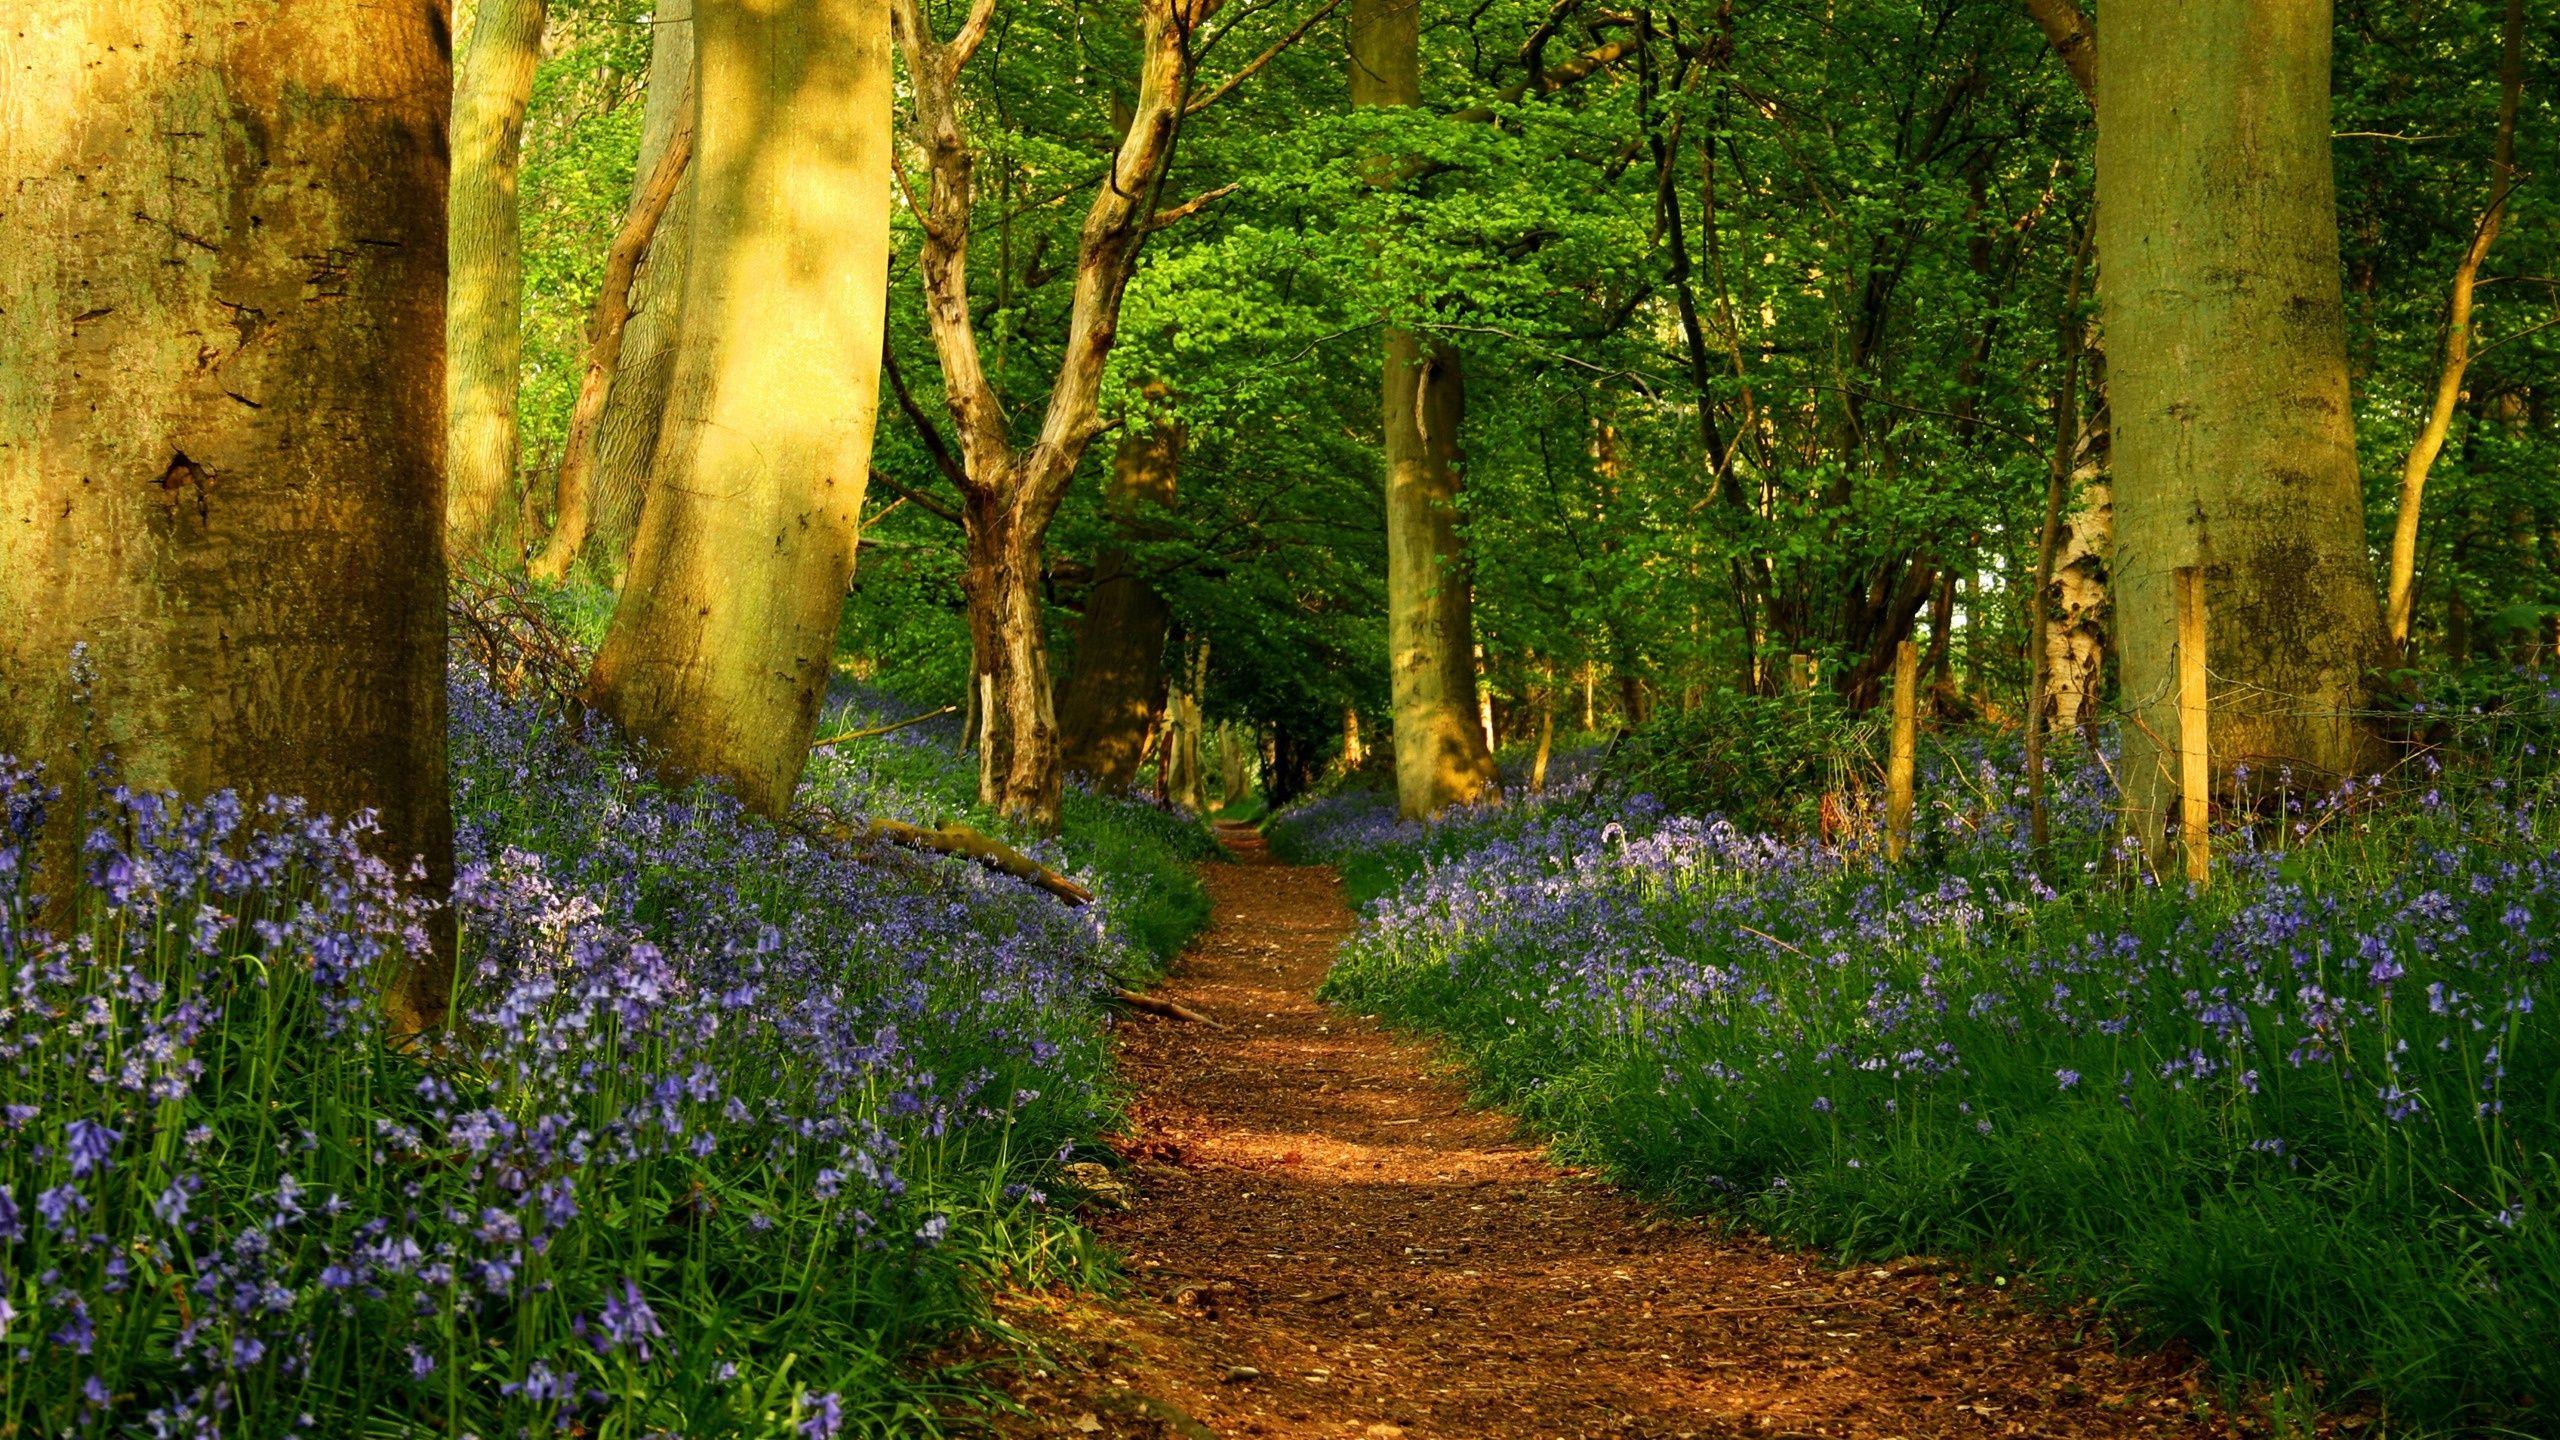 природа деревья лес тропа  № 1206288 загрузить